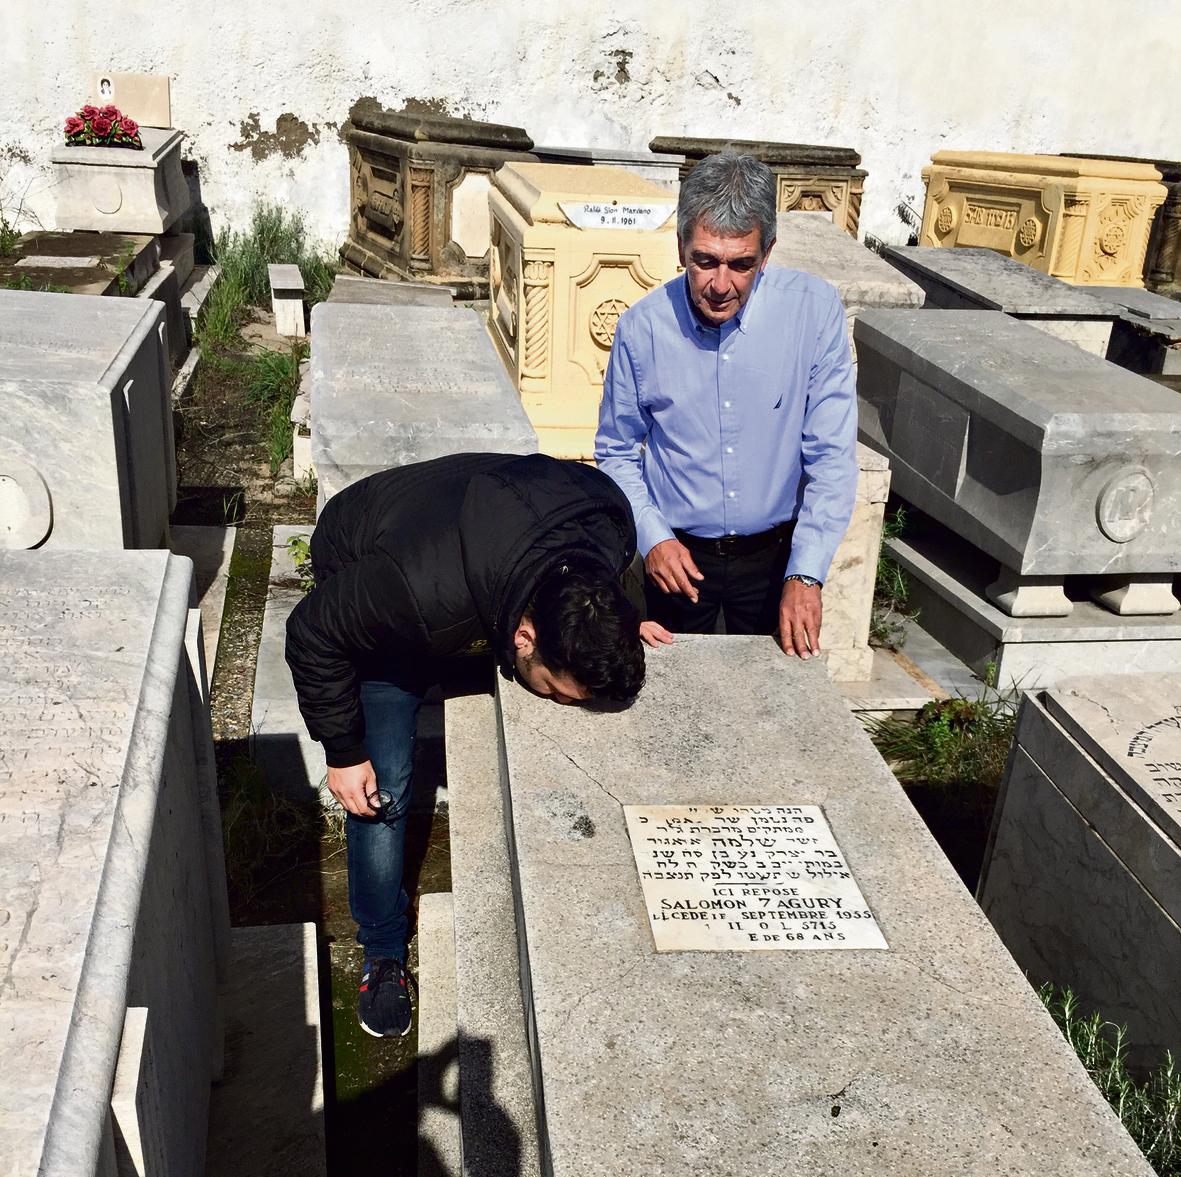 """אני ואבי על קברו של סלומון אזאגורי ז""""ל. הבנתי שדווקא בחיפוש עצמו נמצאת ההמשכיות שלה אבות מפללים מצאצאיהם"""